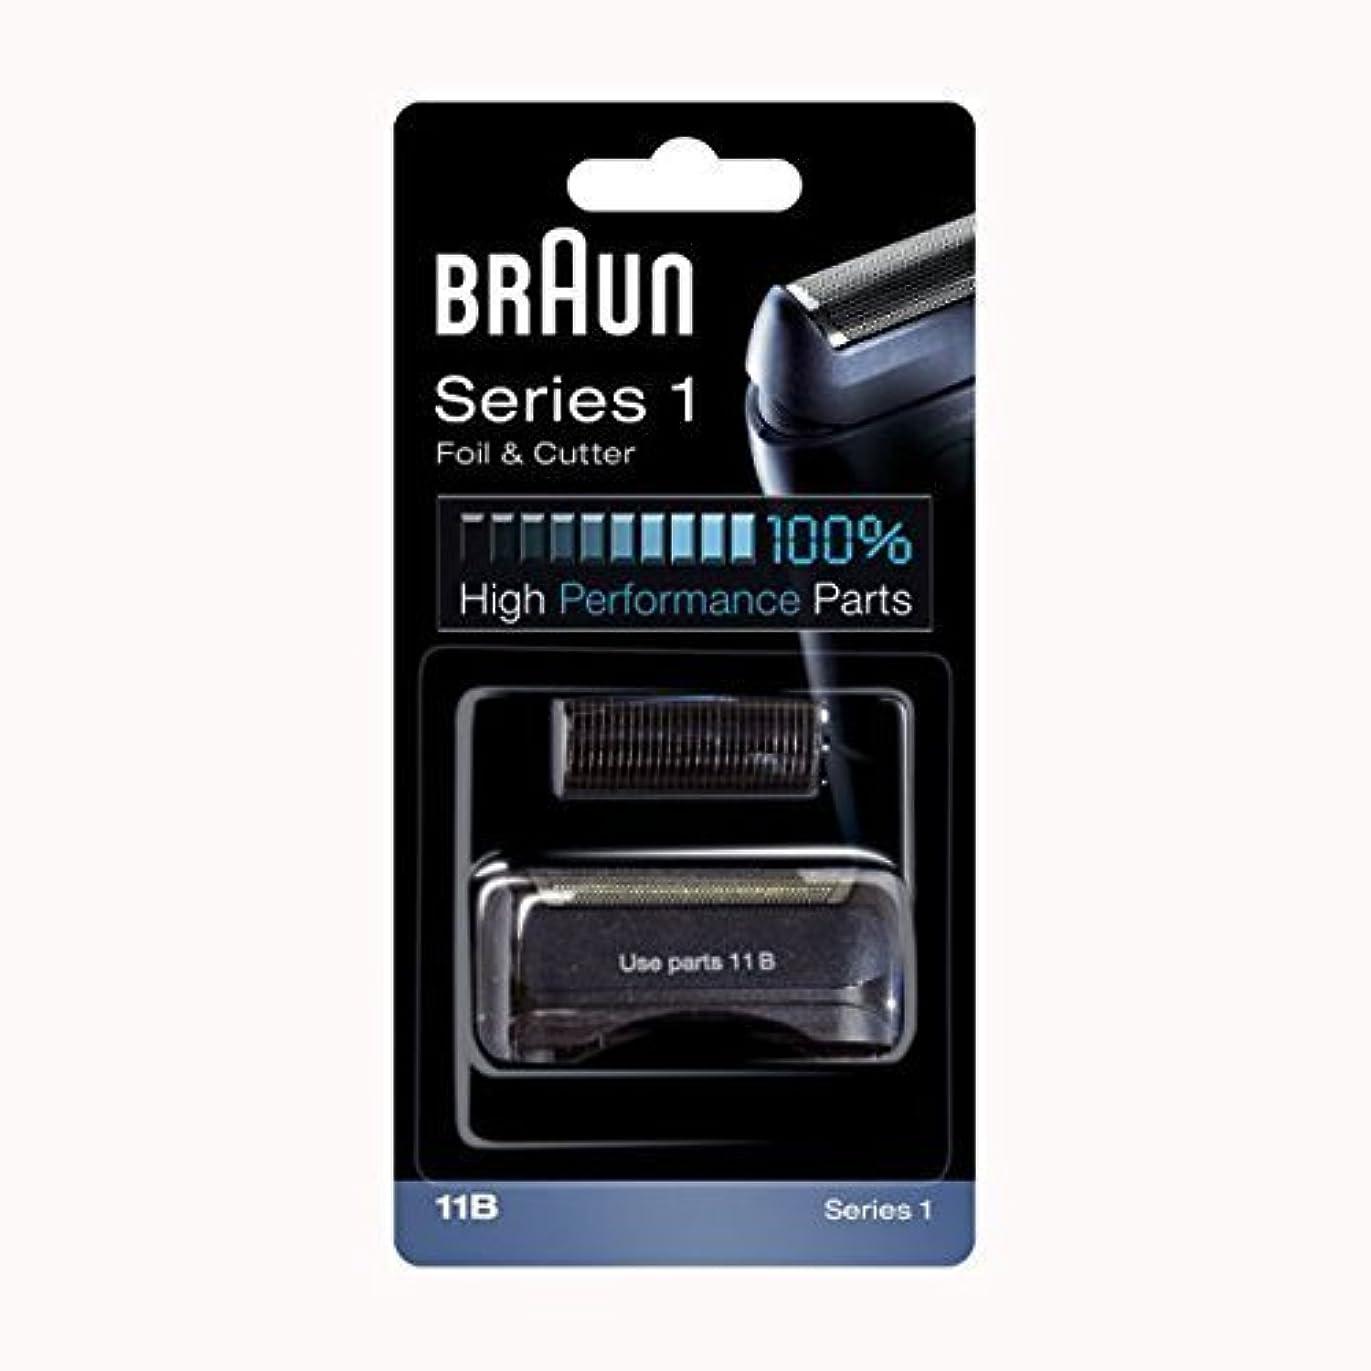 疲れたリンス堂々たるBraun Series 150 Combipack 11B by Braun GmbH [並行輸入品]